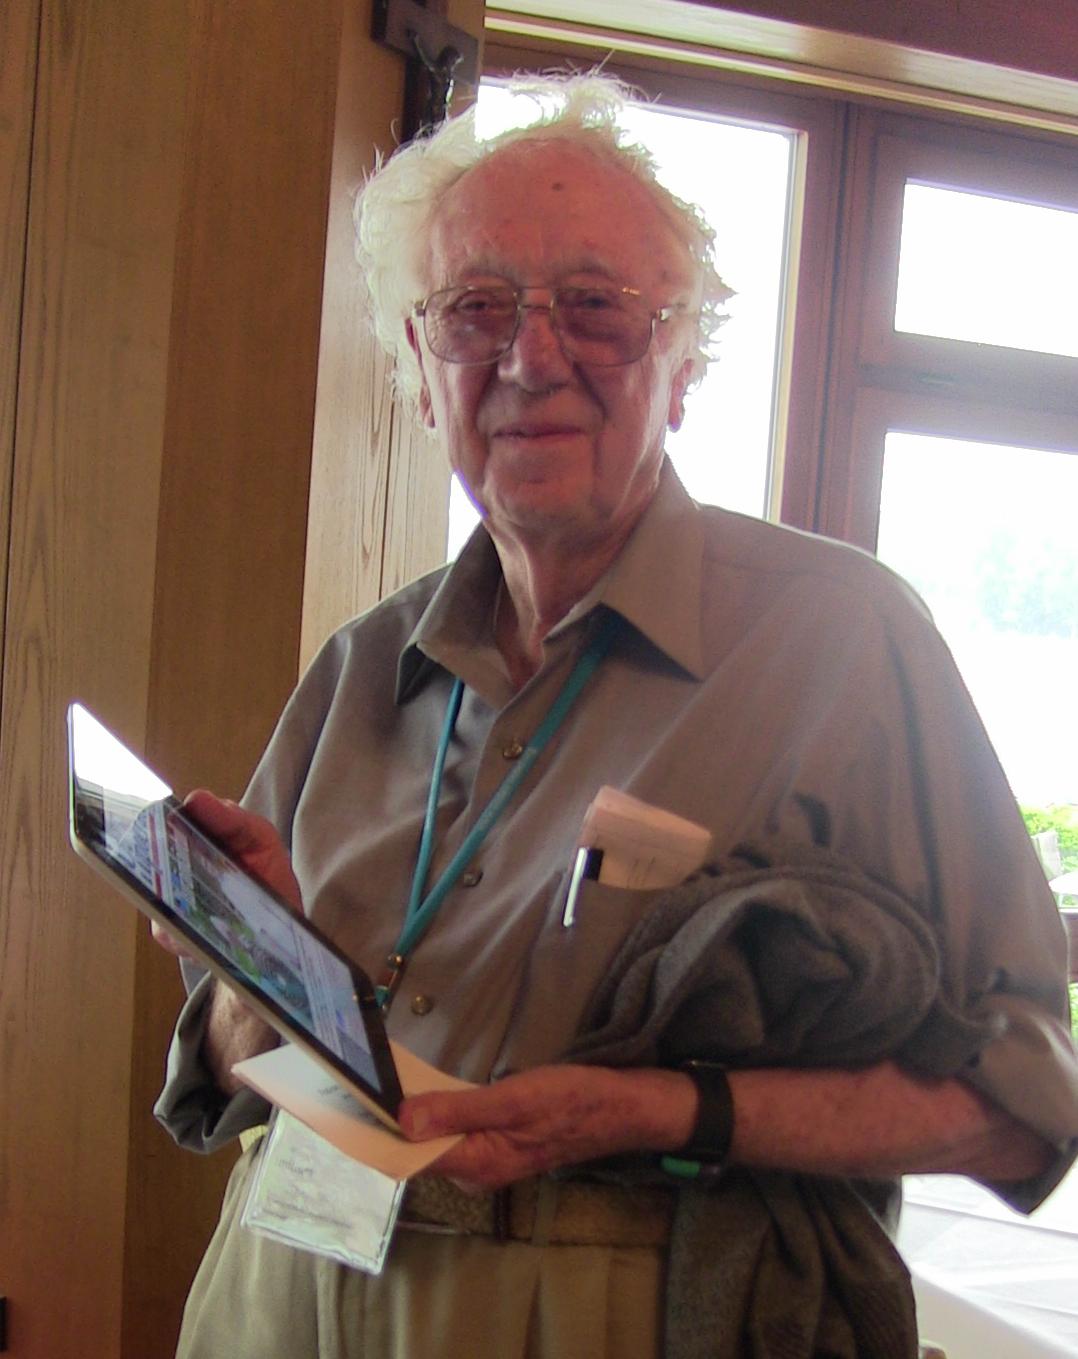 Profesorul Oliver Smithies și un iPad pe care se poate vedea coperta revistei Hipocrate din toamna anului 2007, ediție în care a fost protagonistul principal